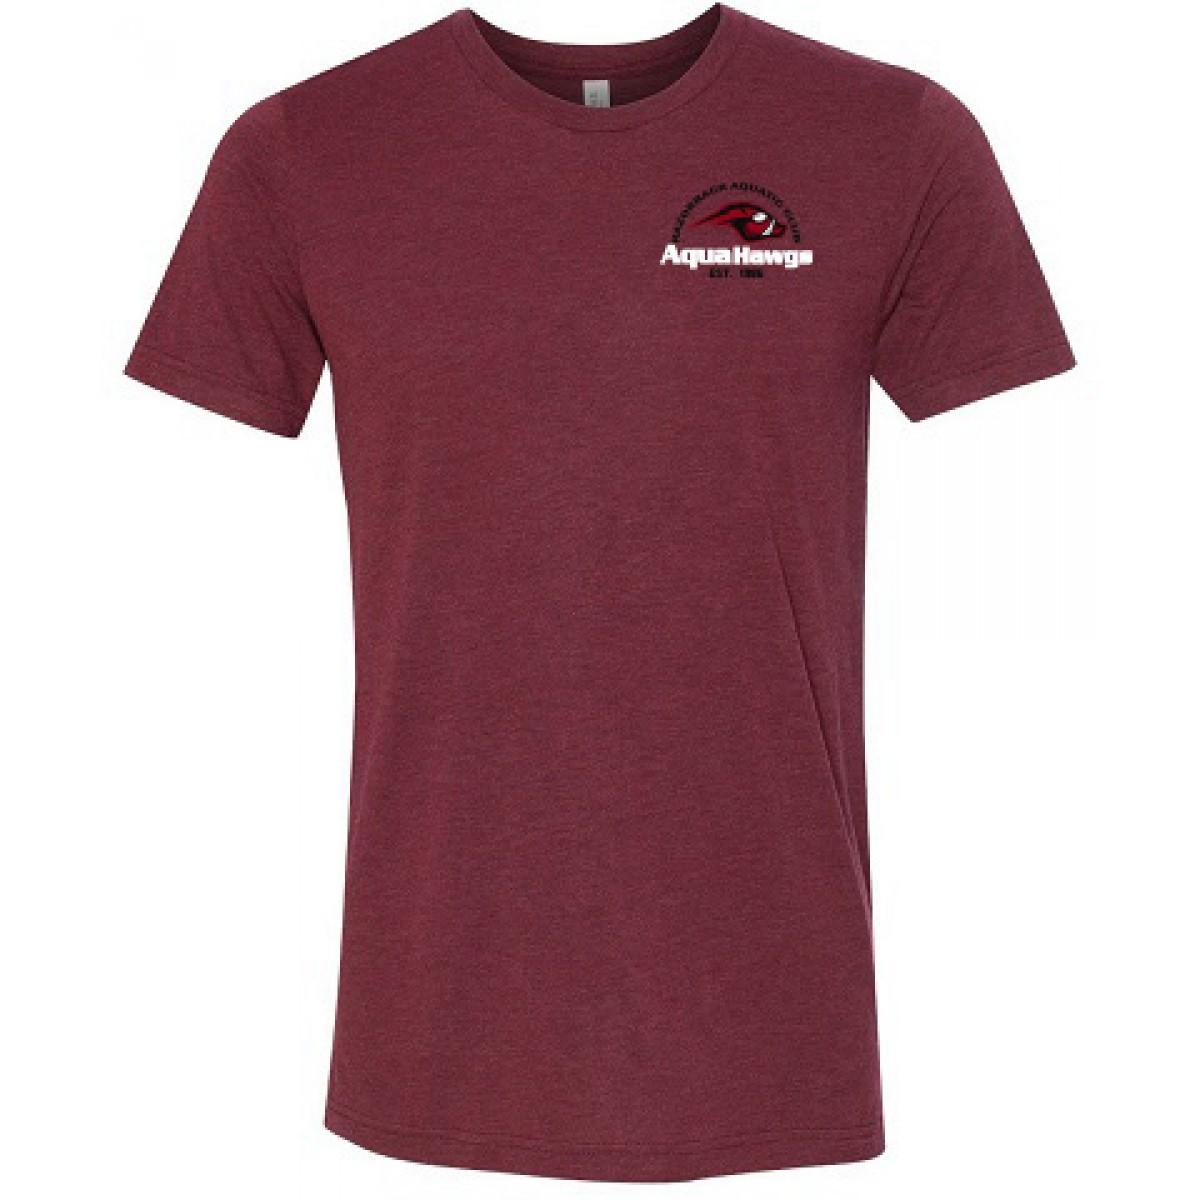 Bella+Canvas Unisex Short Sleeve Jersey T-Shirt-Cardinal Red-M